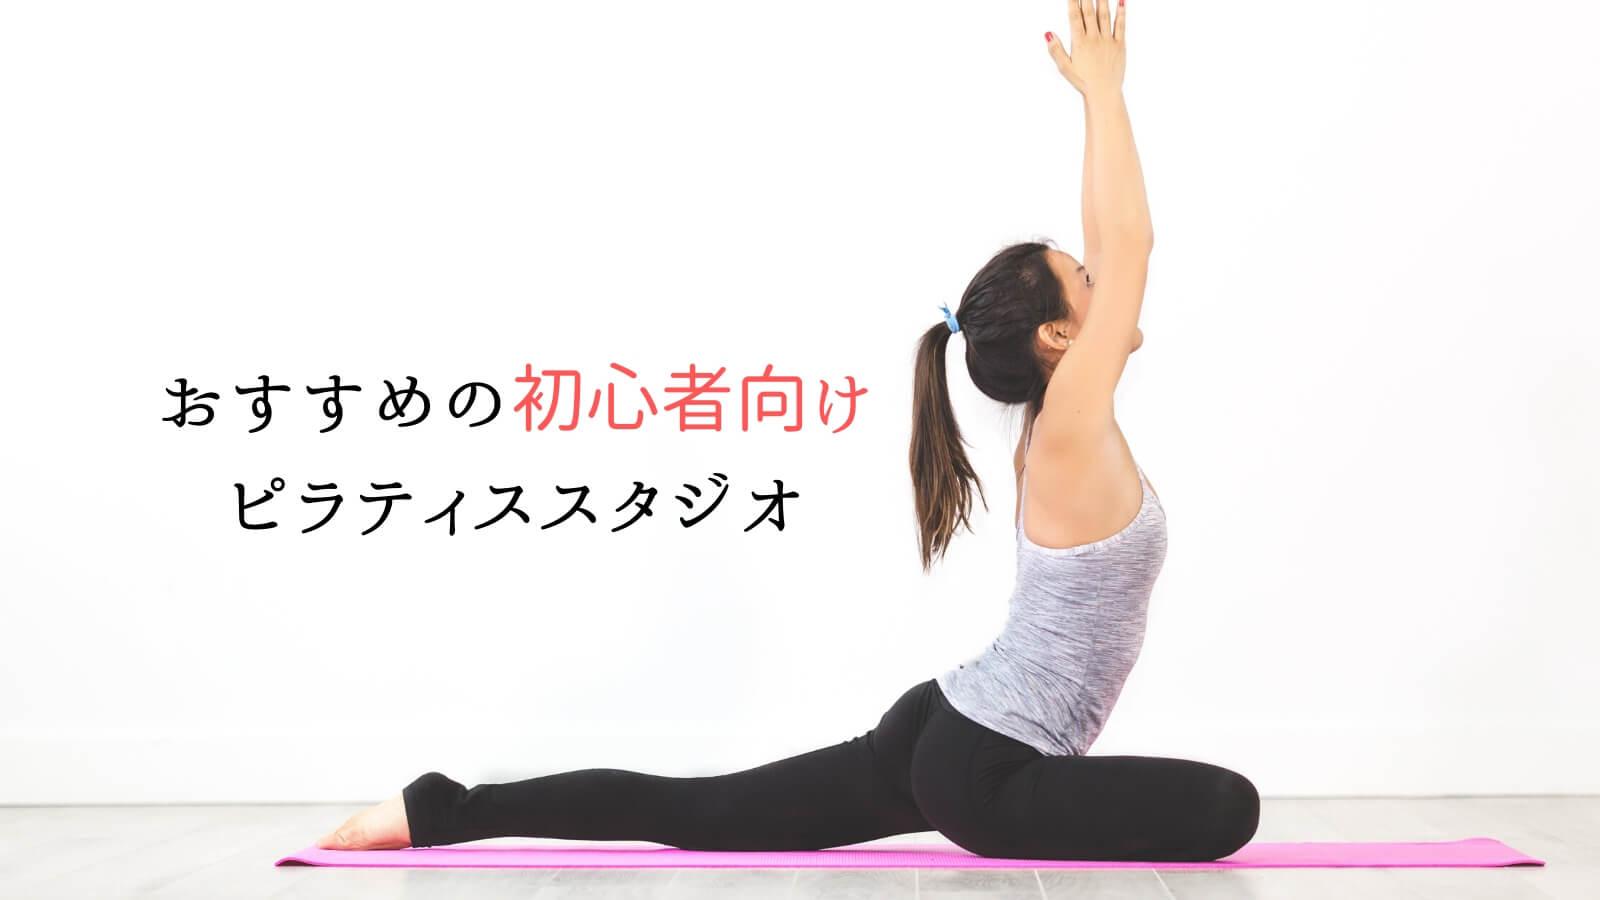 おすすめの初心者向けピラティススタジオ